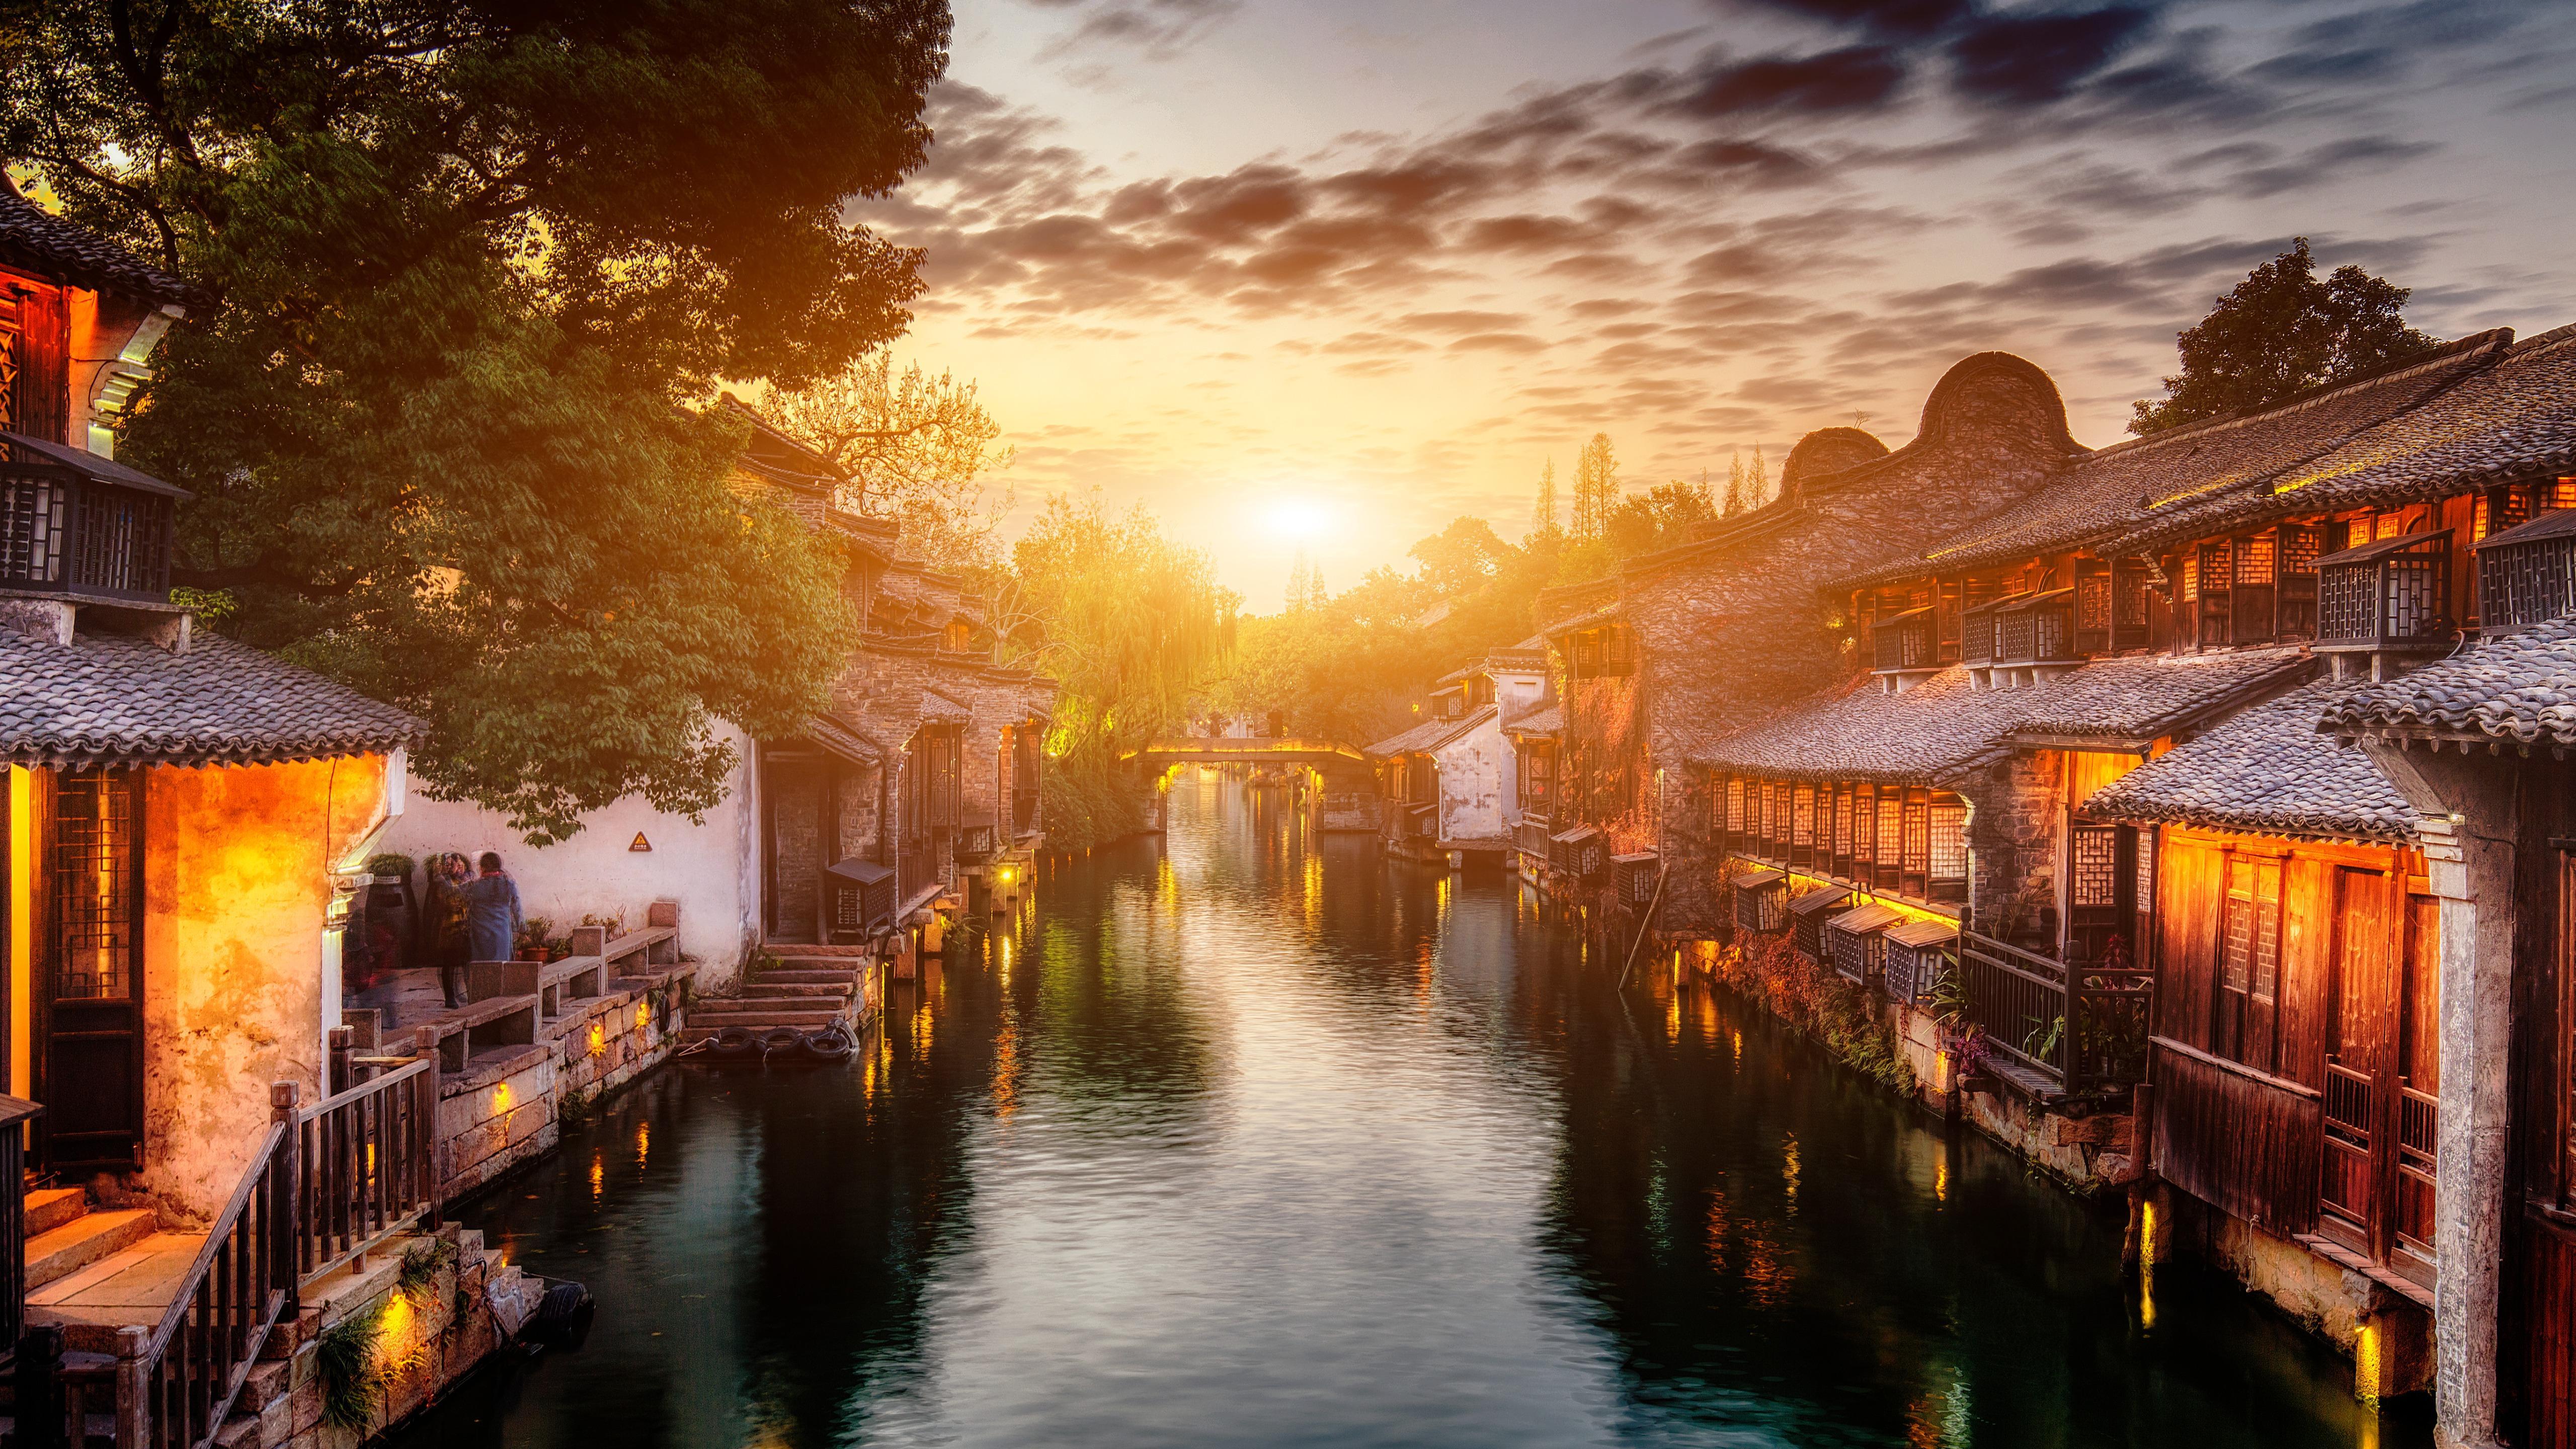 Wuzhen sunset wallpaper